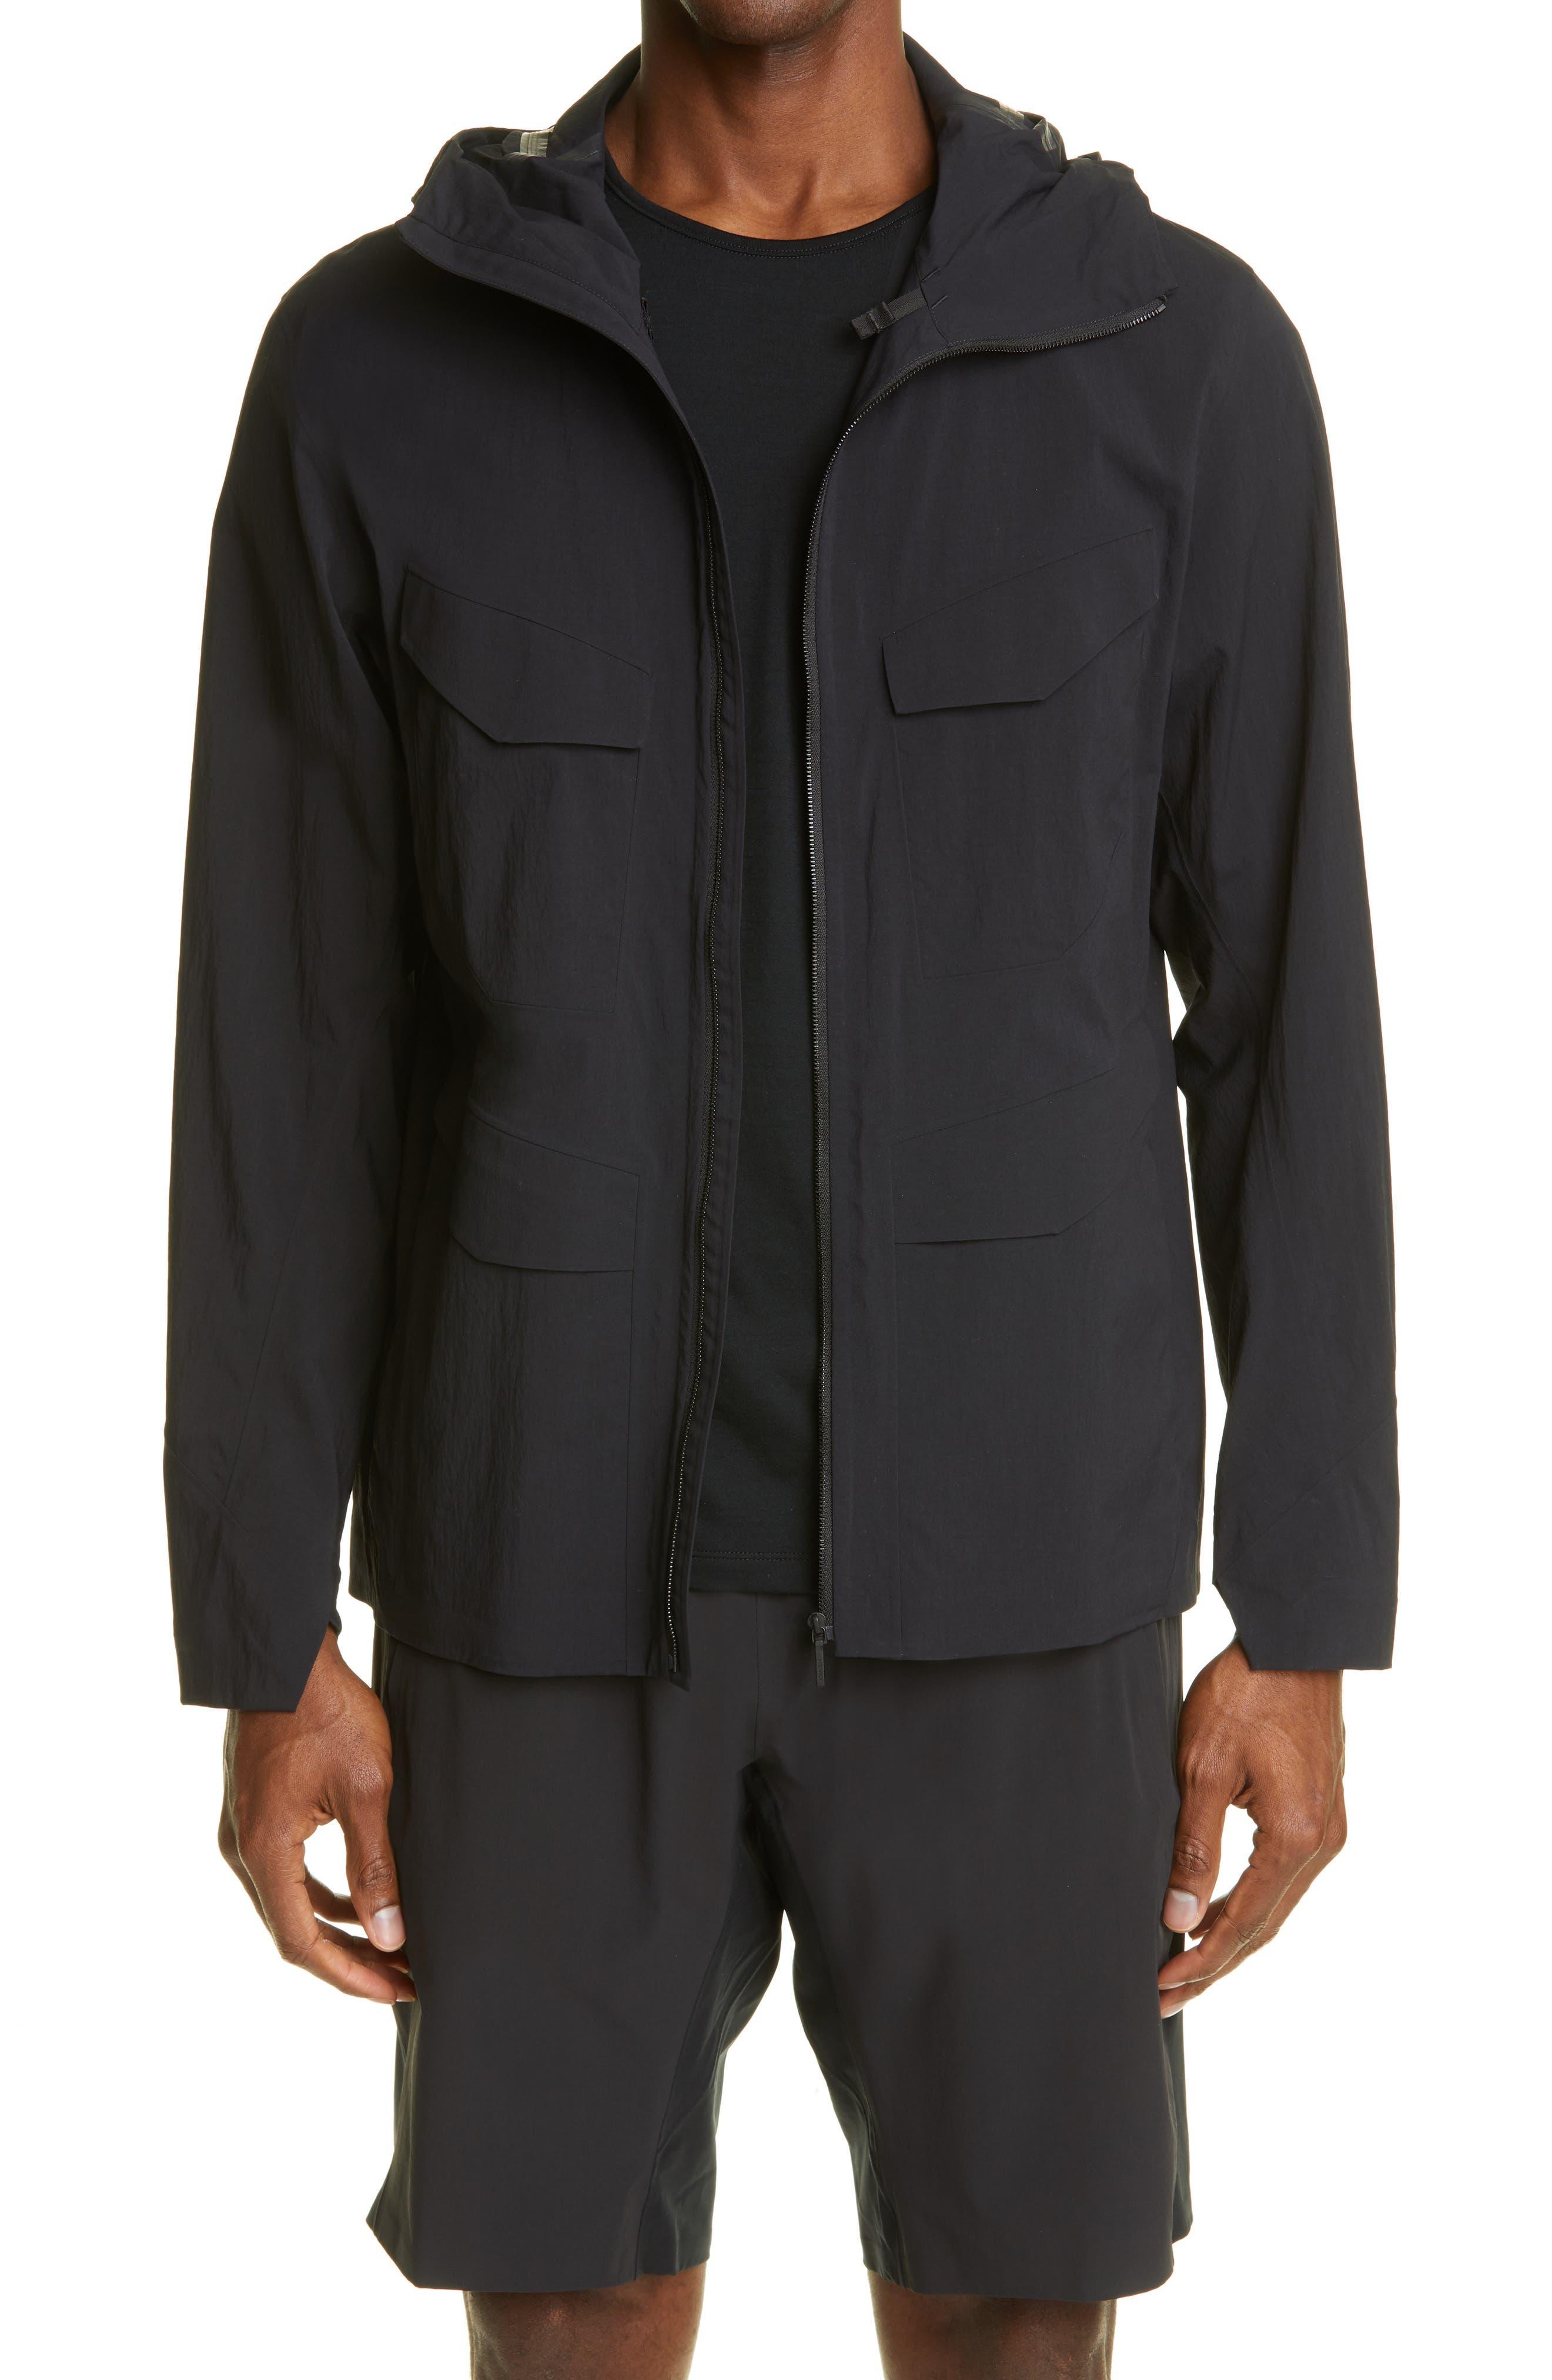 Men's Veilance Spere Lt Terratex Water Repellent Hooded Jacket